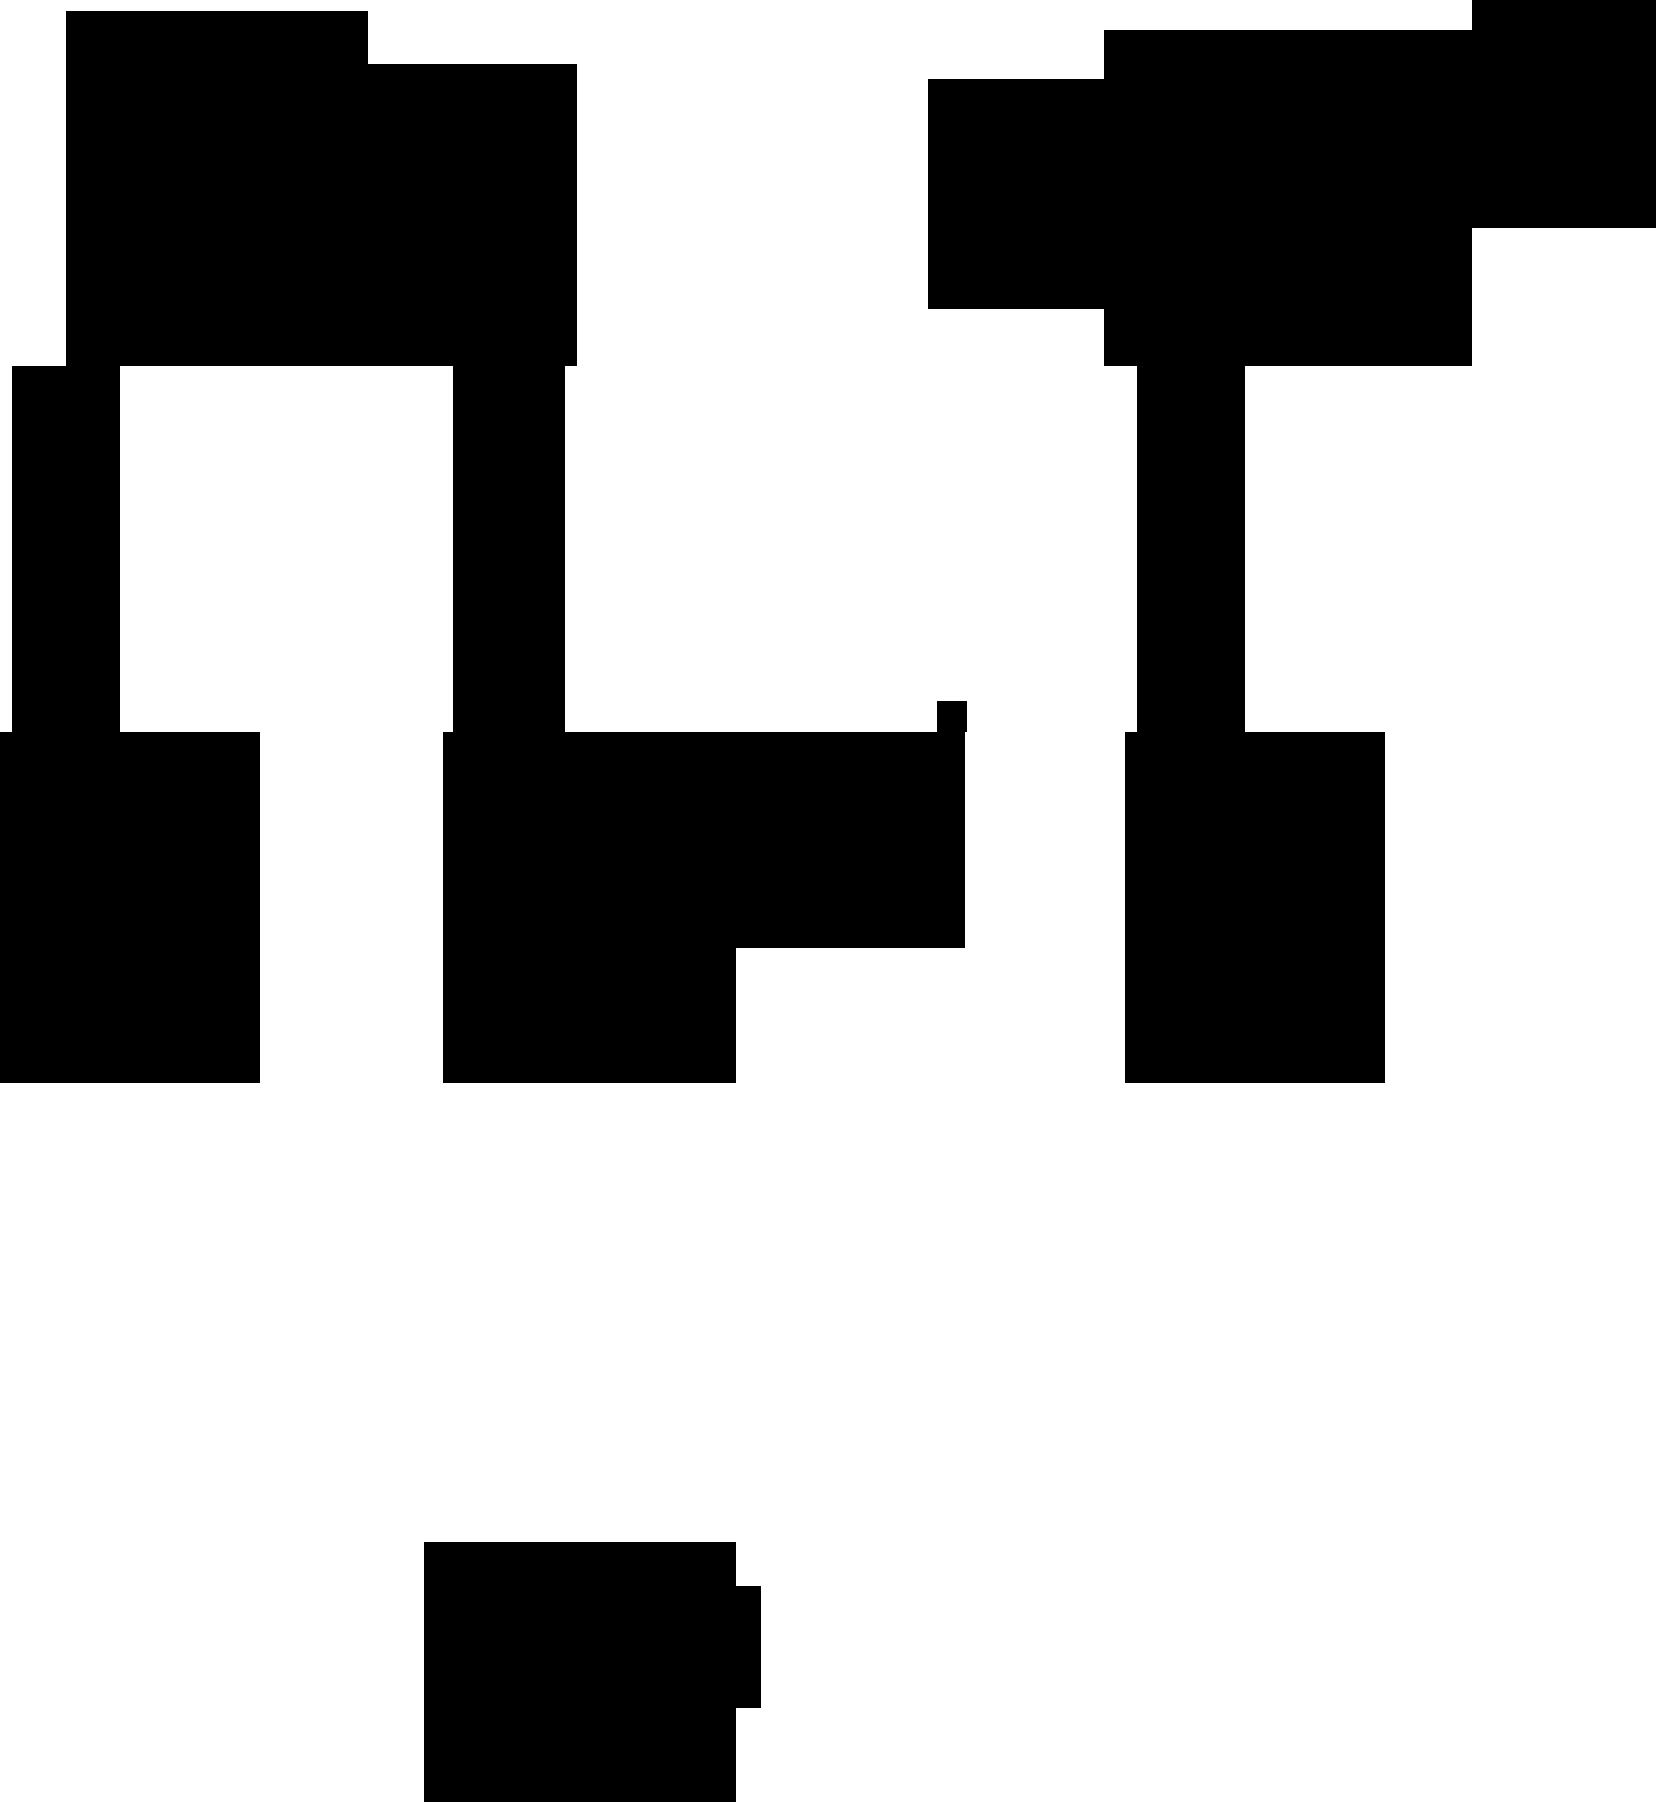 Найти символ на арабском по картинке